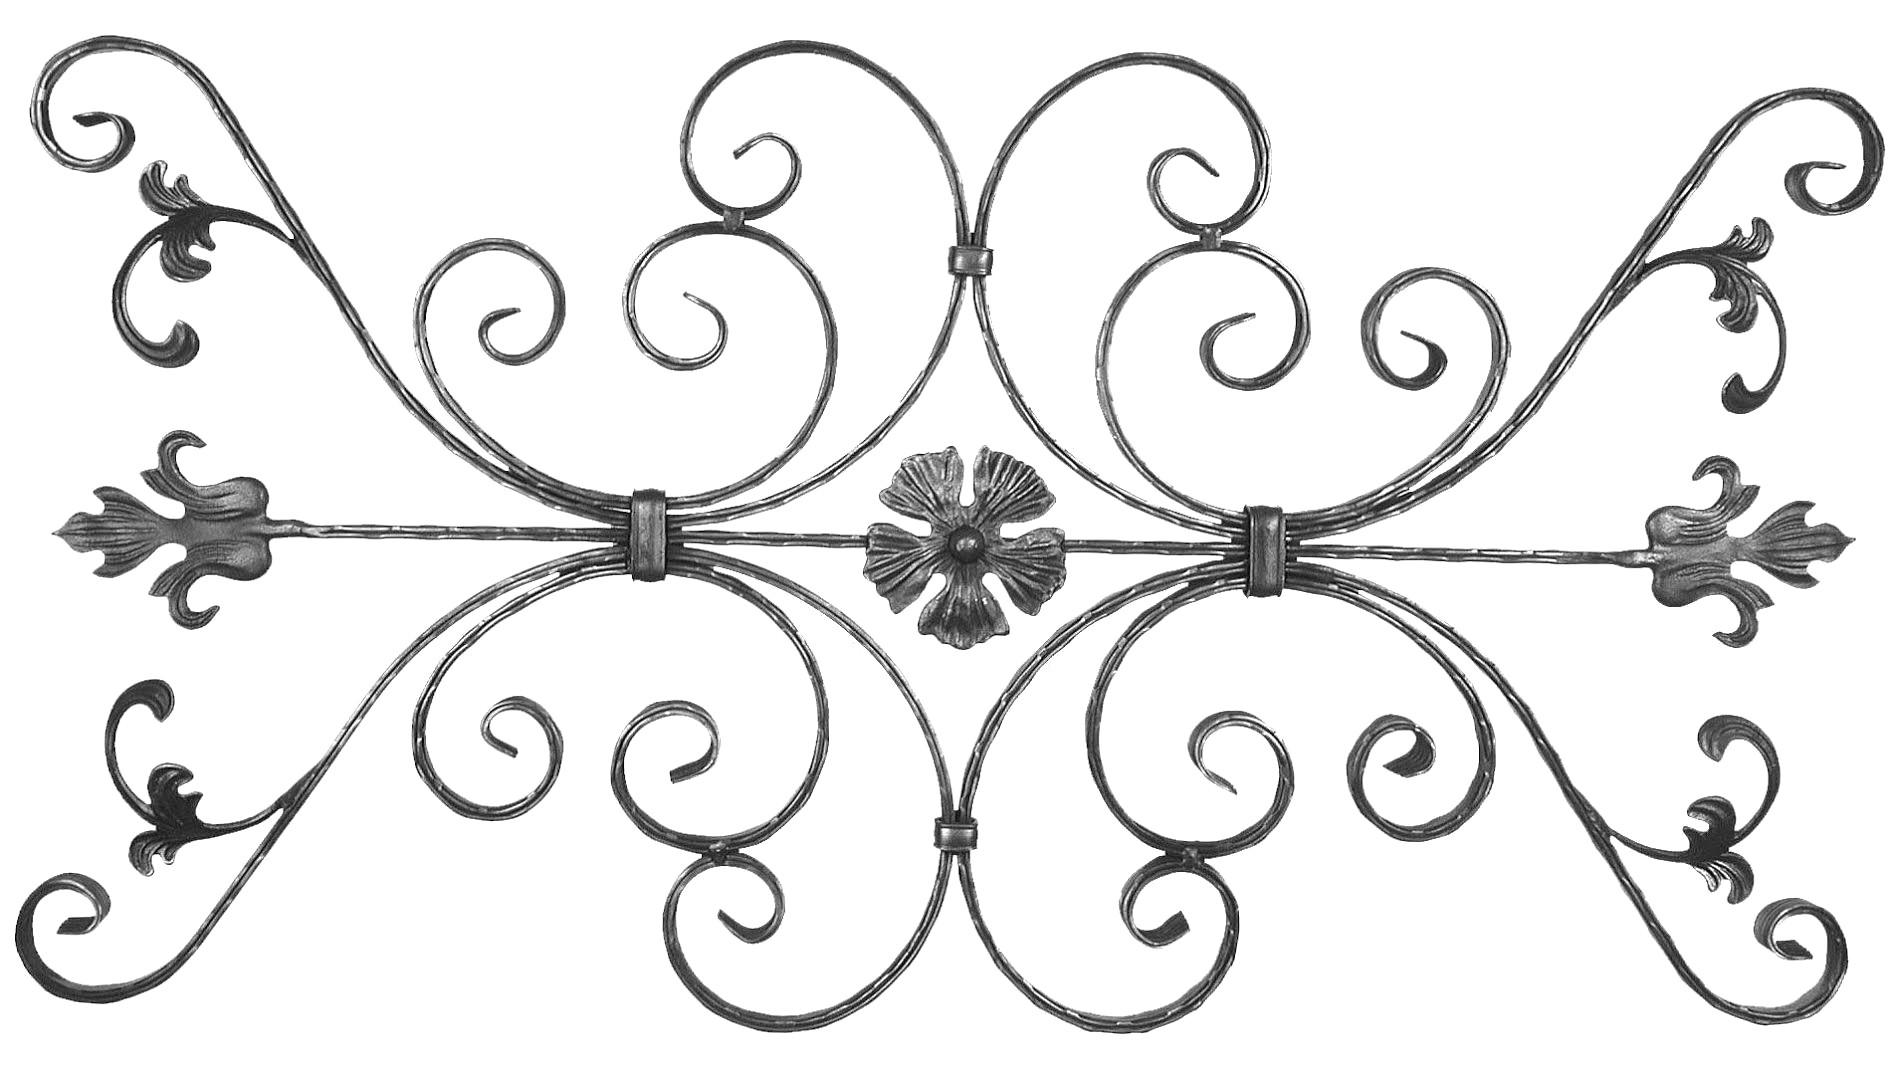 panneau 1010x540 chez d co fer forg avec et coration fenetre 21 1894x1066px random decoration forge interieur oiseau en idees 1518x1969px 11